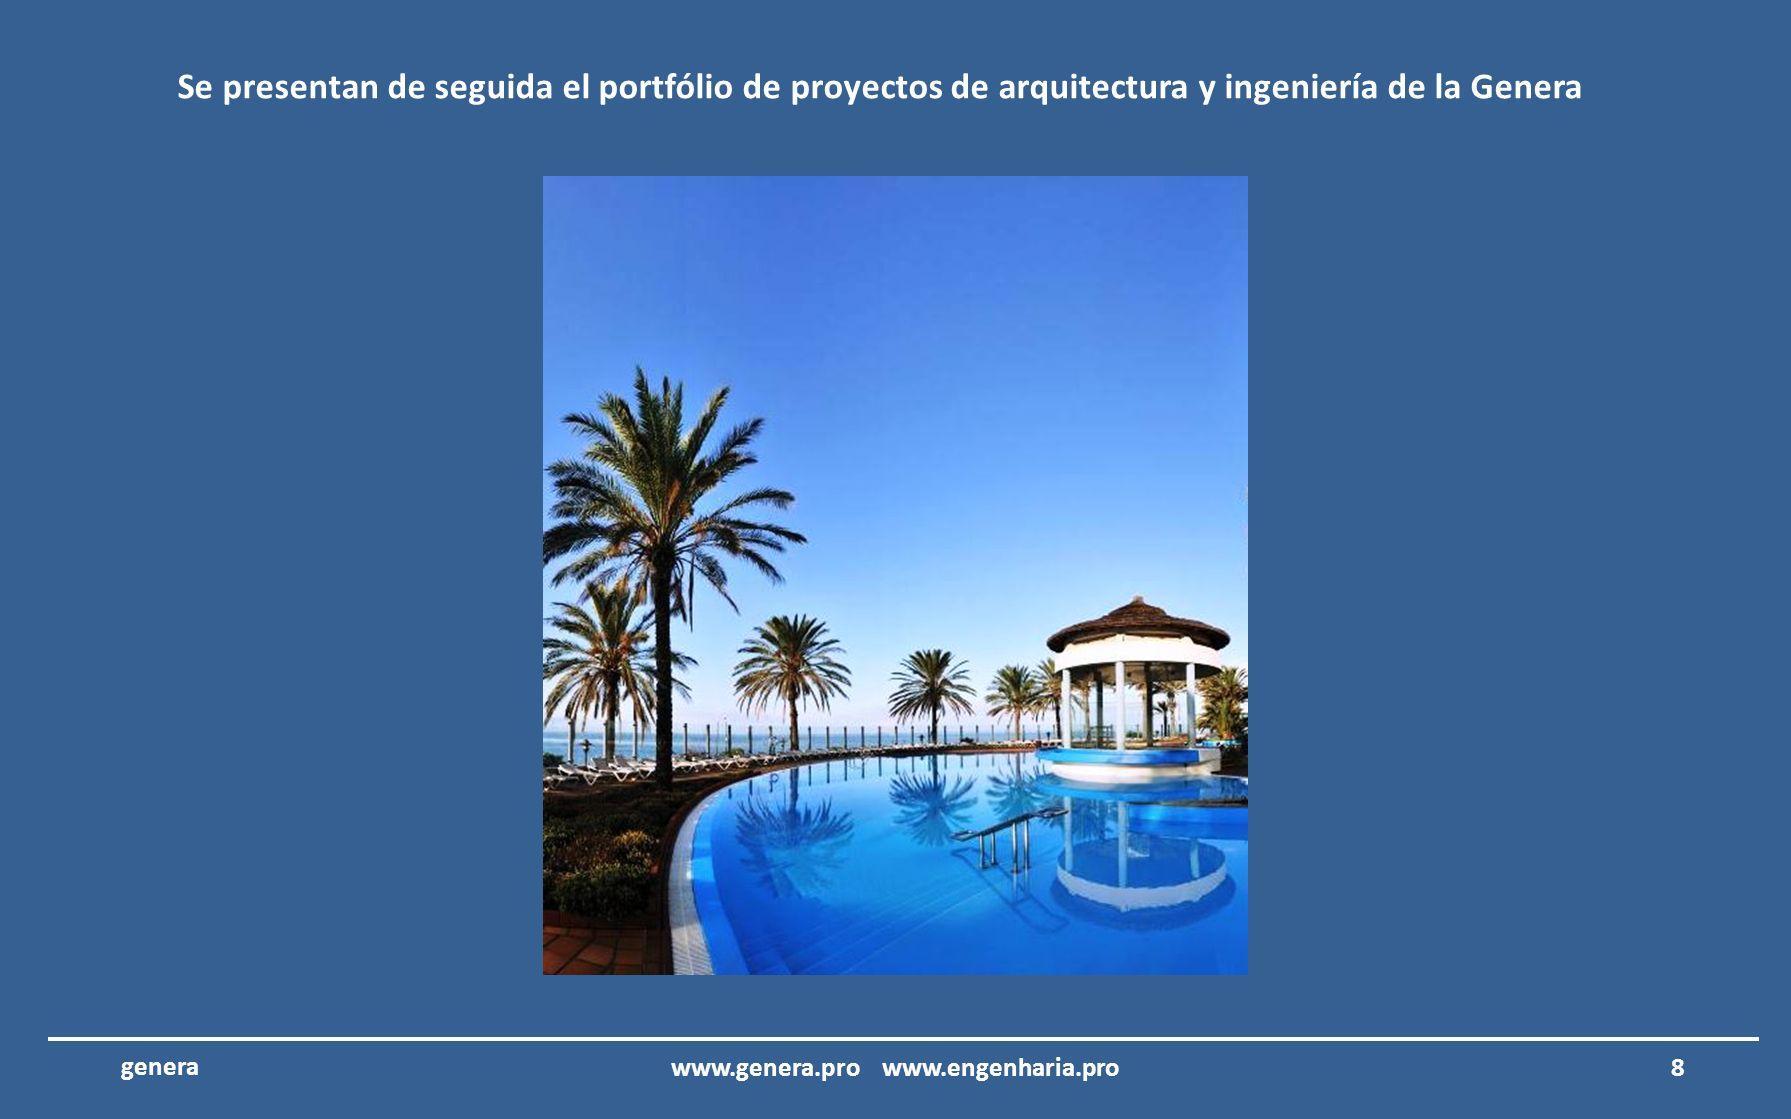 Proyectos de Instalaciones Deportivas : Ciudad Deportiva Sarriguen – Navarra; Palacio de Deportes de Huesca – Barcelona; Complejo de Gimnasio de Alica